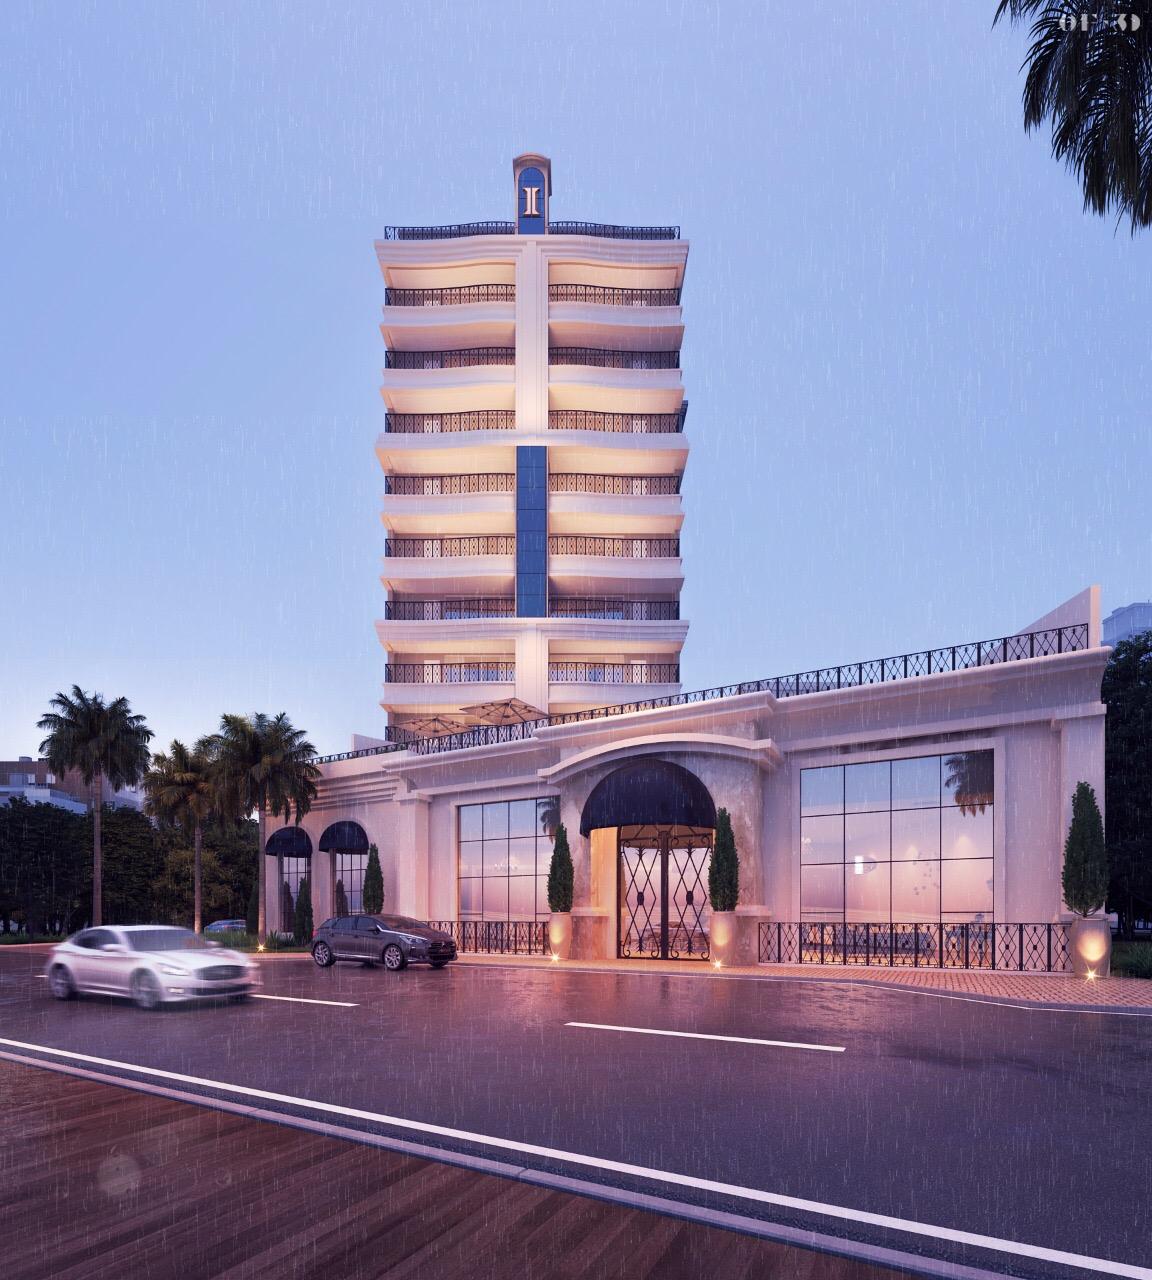 Cadin Imoveis - Venda - Apartamento - Gravata - Navegantes - R$1.180.000,00